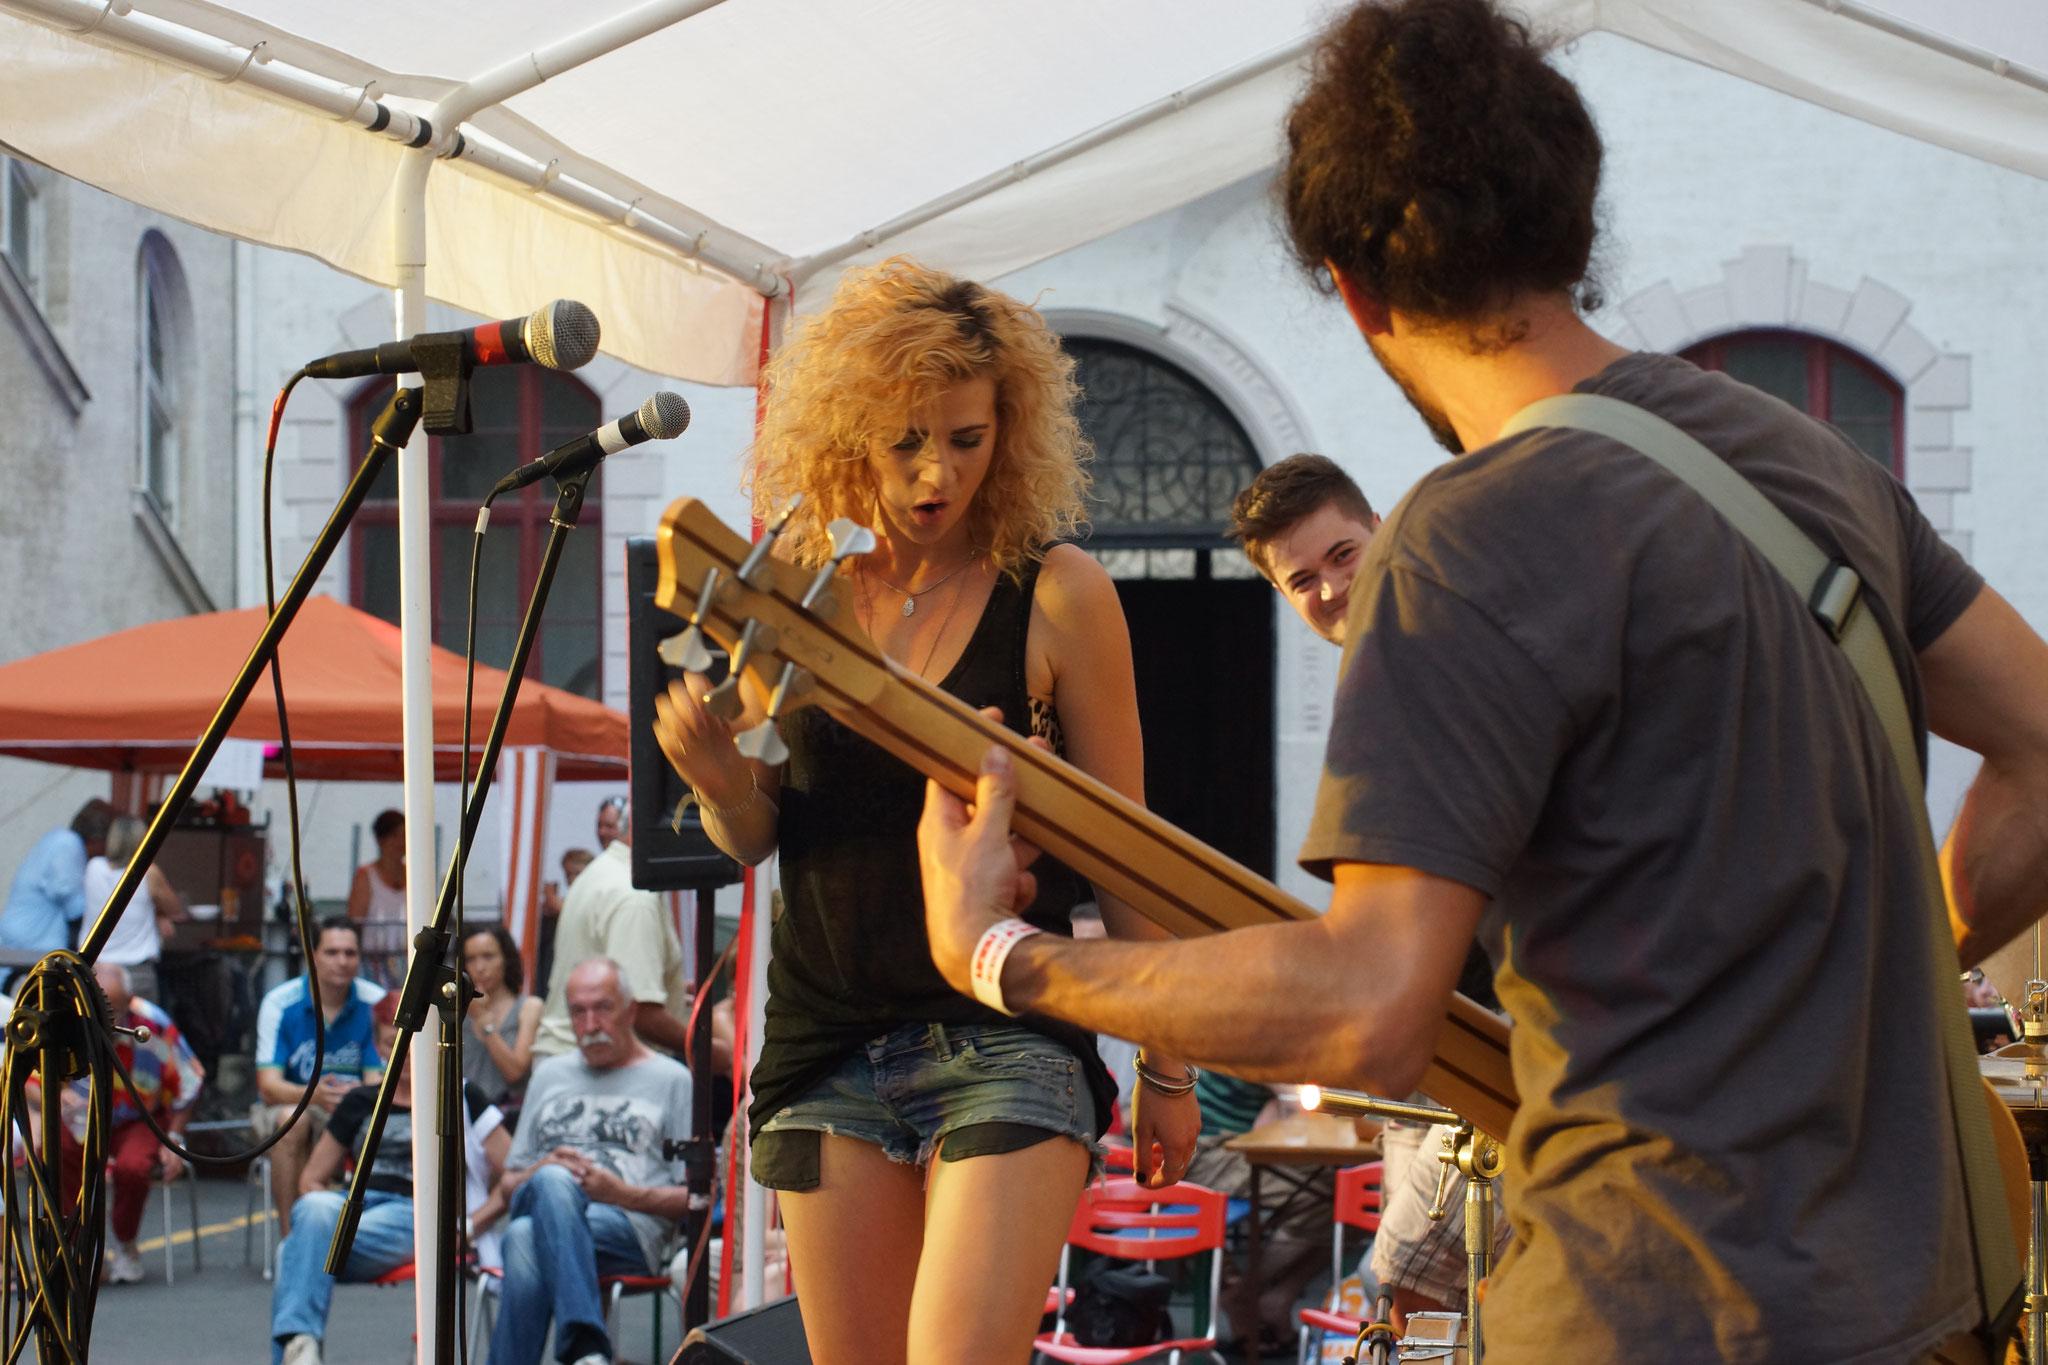 Konzerte im Bürgerhof 04.07.15 Maggie on the Roxx - Freiwilligen-Zentrum Augsburg - Foto: Crayfish